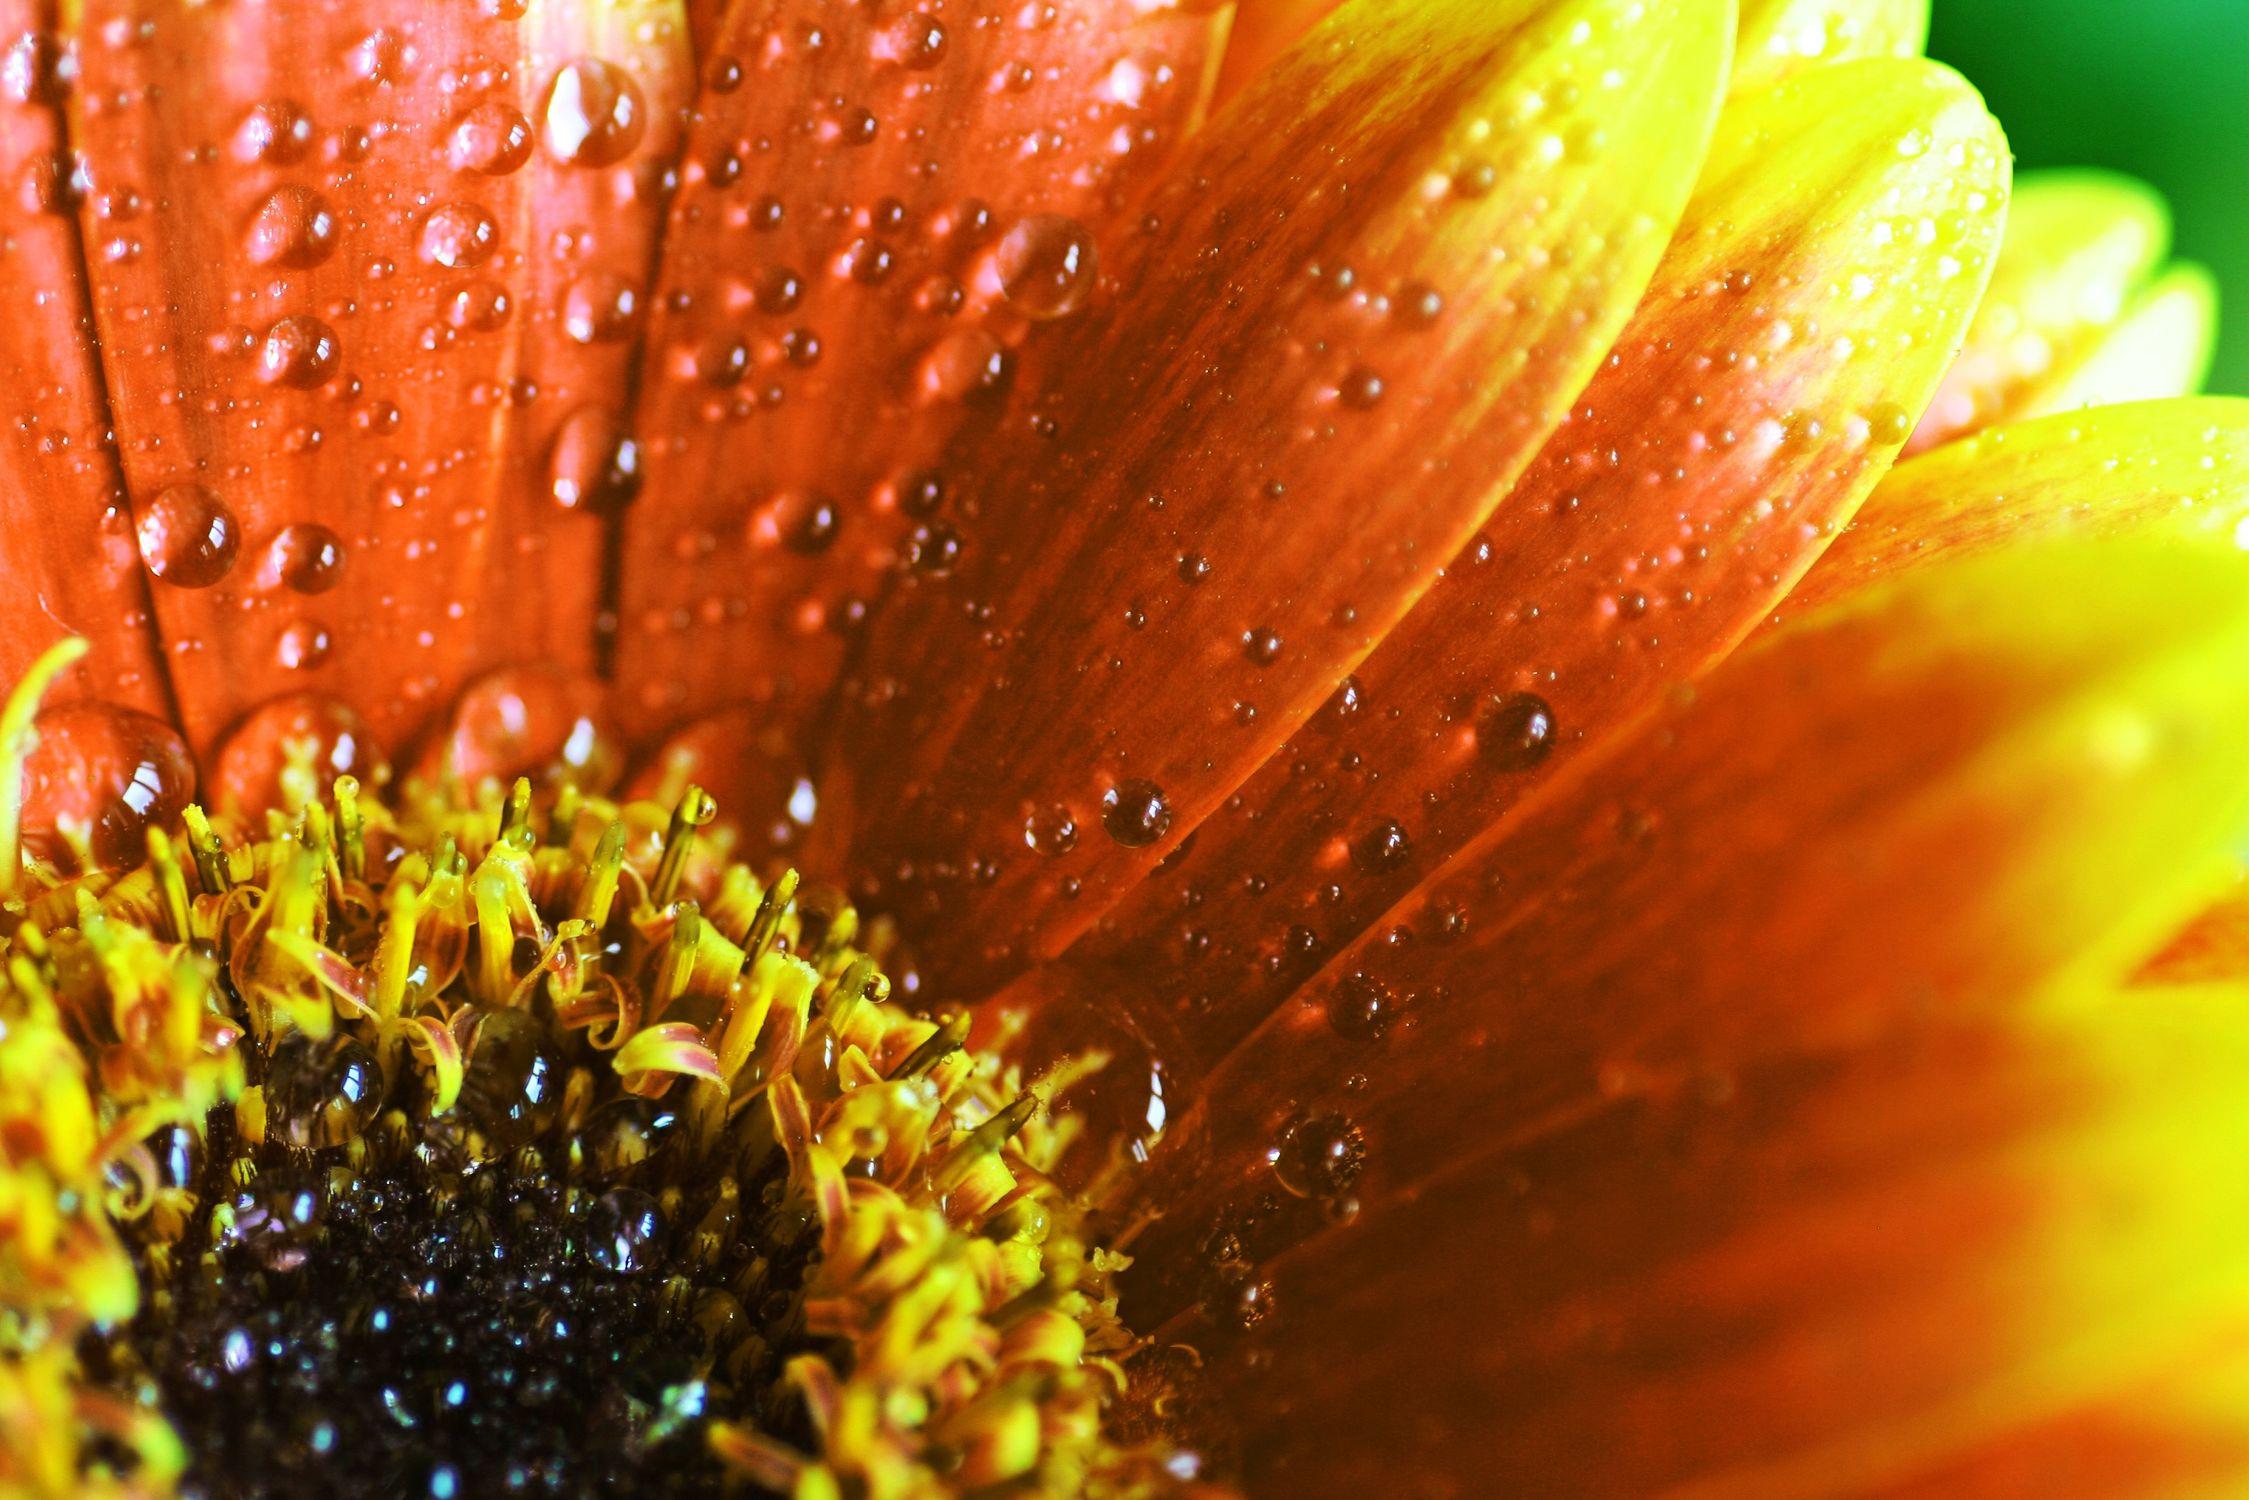 Bild mit Natur, Elemente, Wasser, Pflanzen, Blumen, Korbblütler, Gerberas, Sonnenblumen, Blume